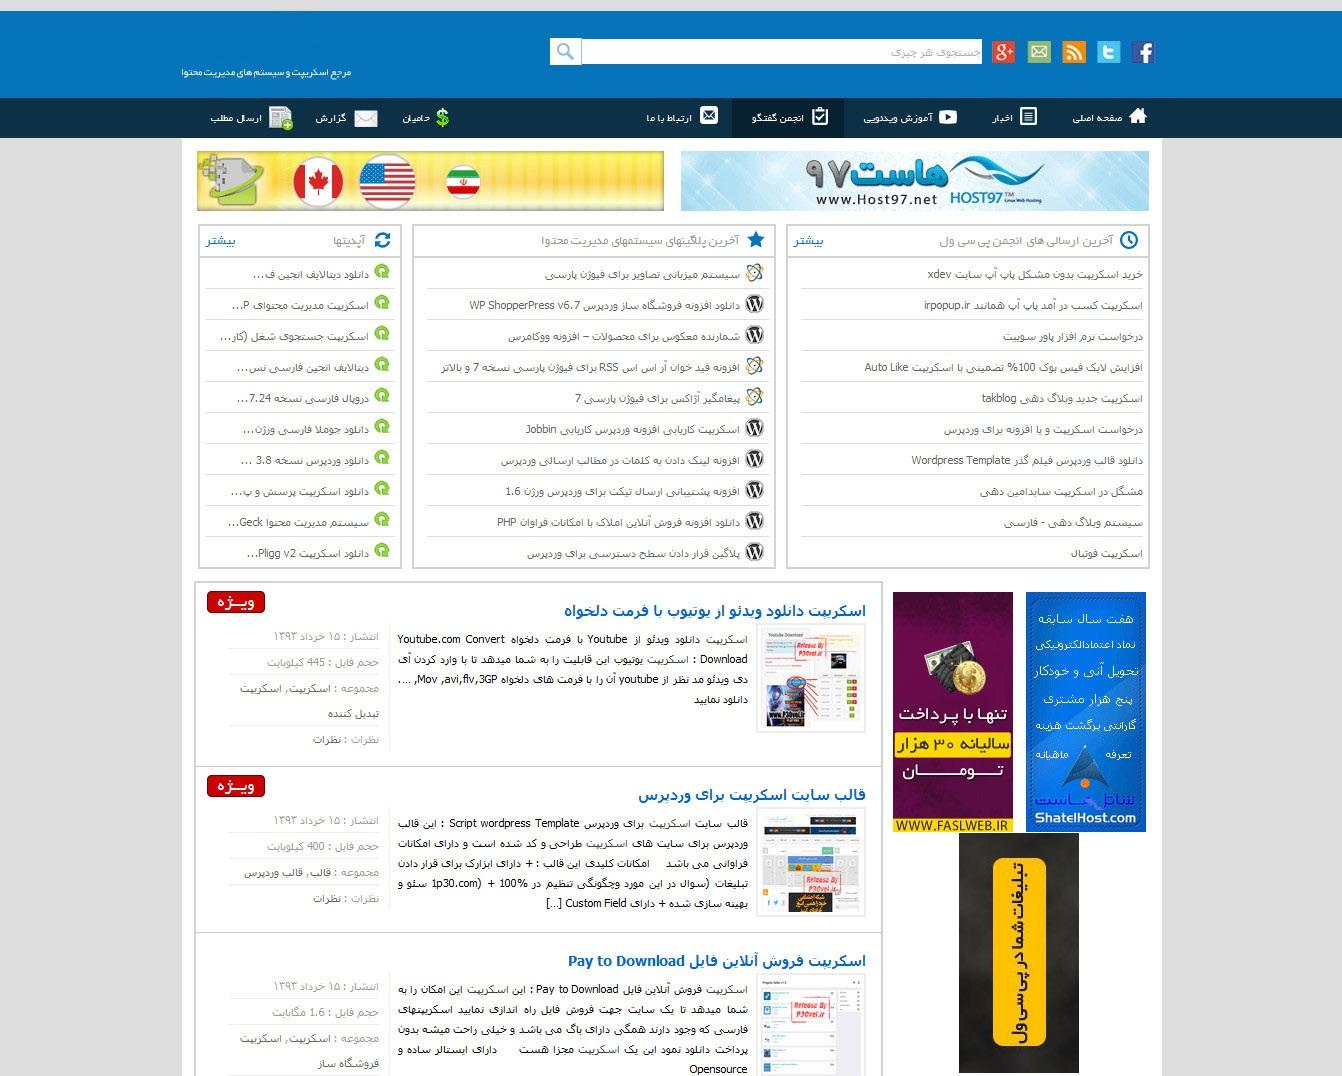 دانلود قالب زیبای مخصوص سایت های دانلود برای وردپرس